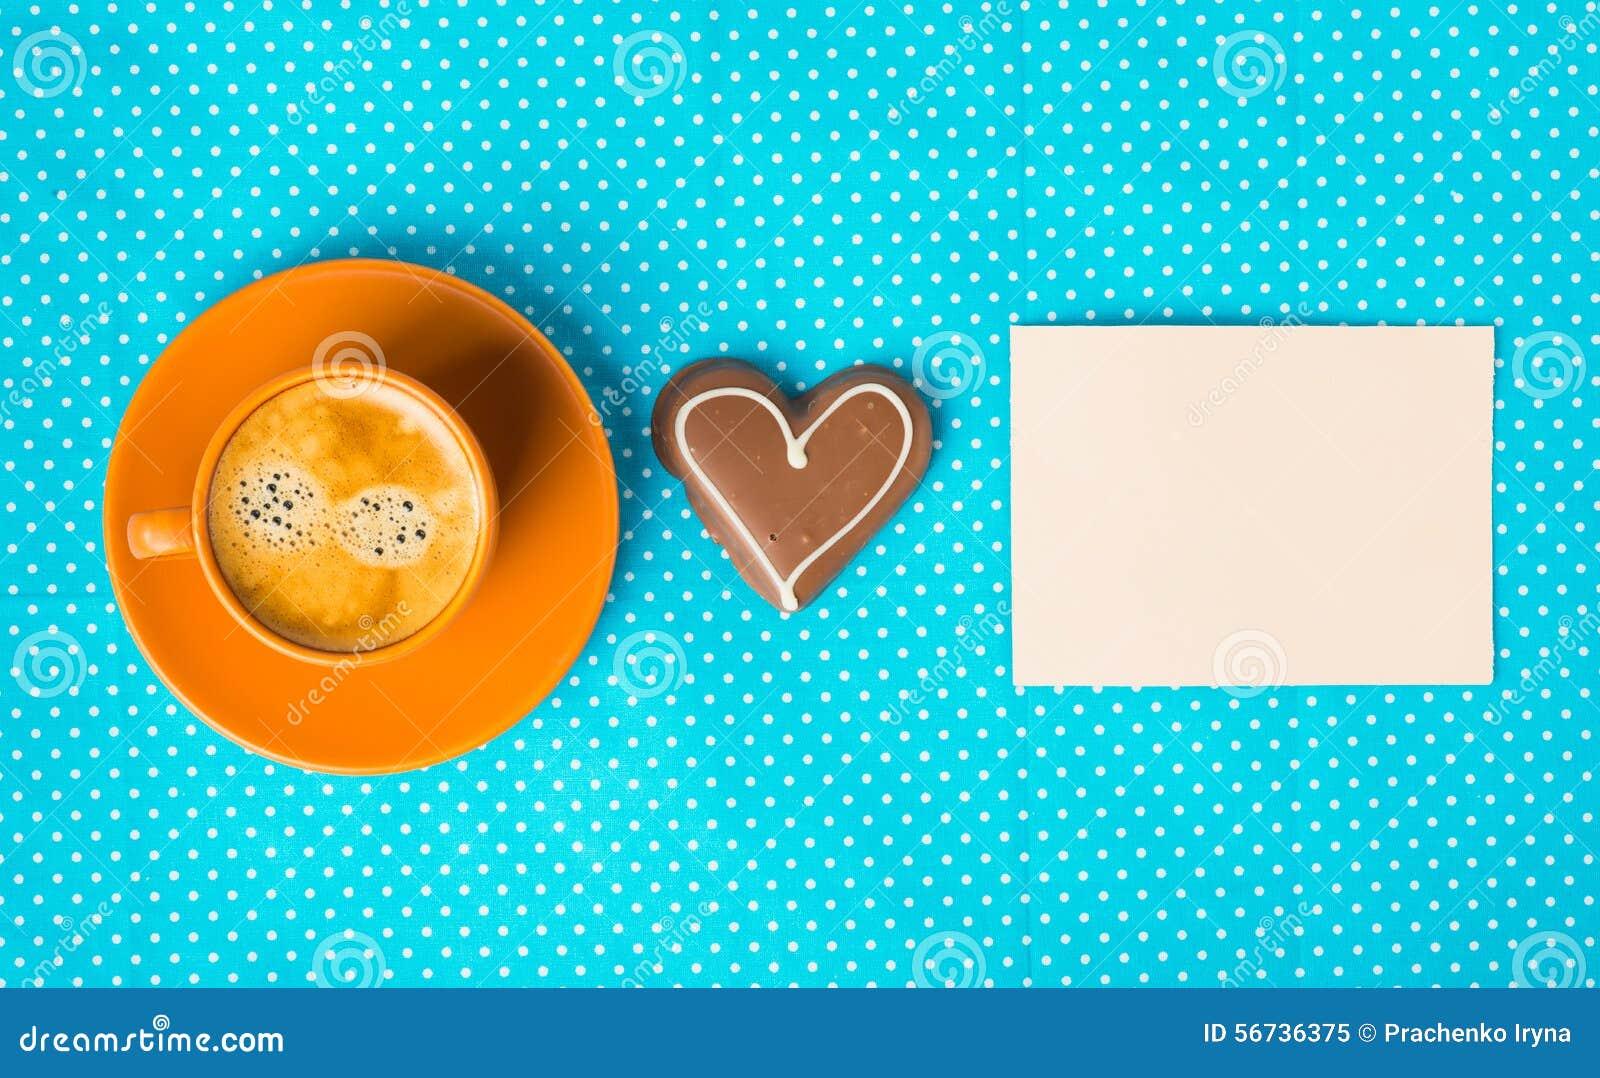 Tenha um dia agradável, bom dia com xícara de café